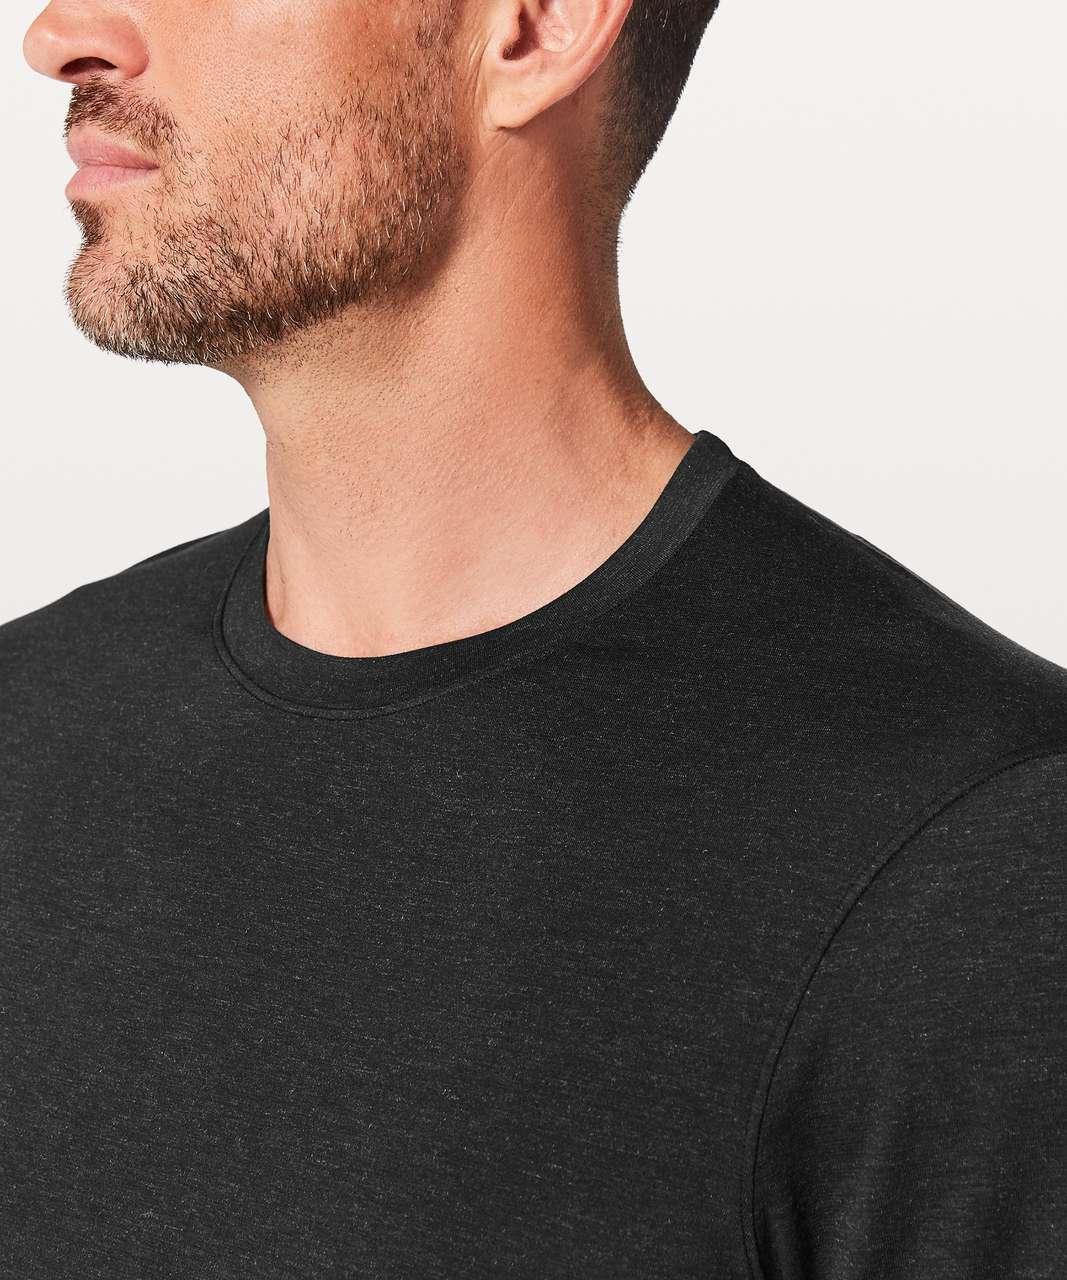 Lululemon Somatic Aero Short Sleeve - Black